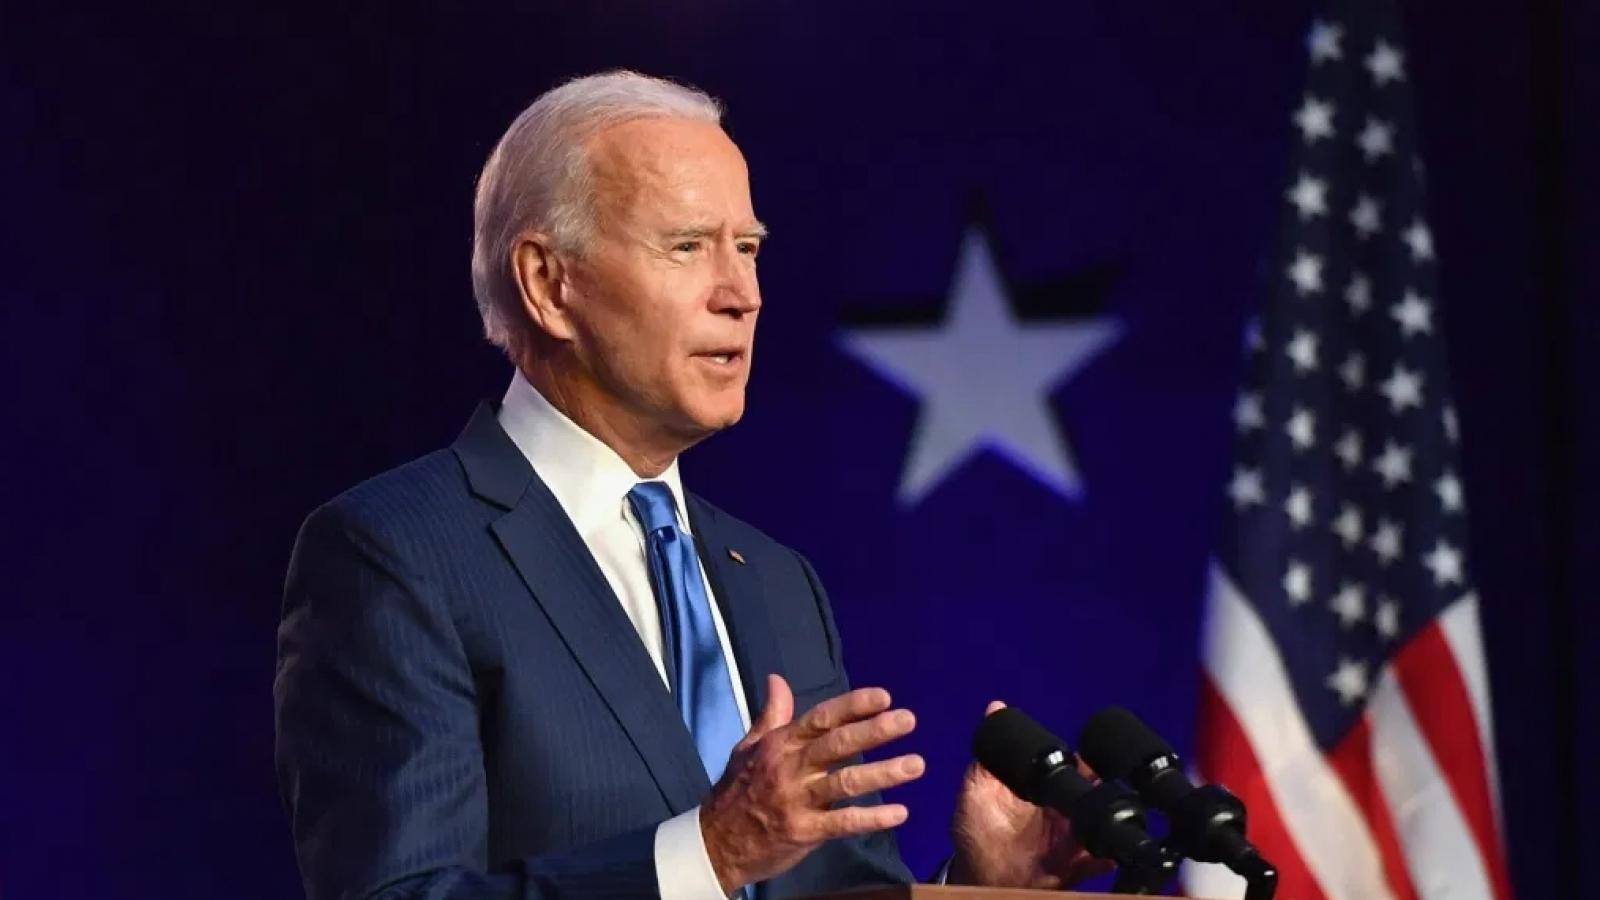 Chưa có dấu hiệu Tổng thống Mỹ Biden sẽ mặn nồng với Trung Quốc